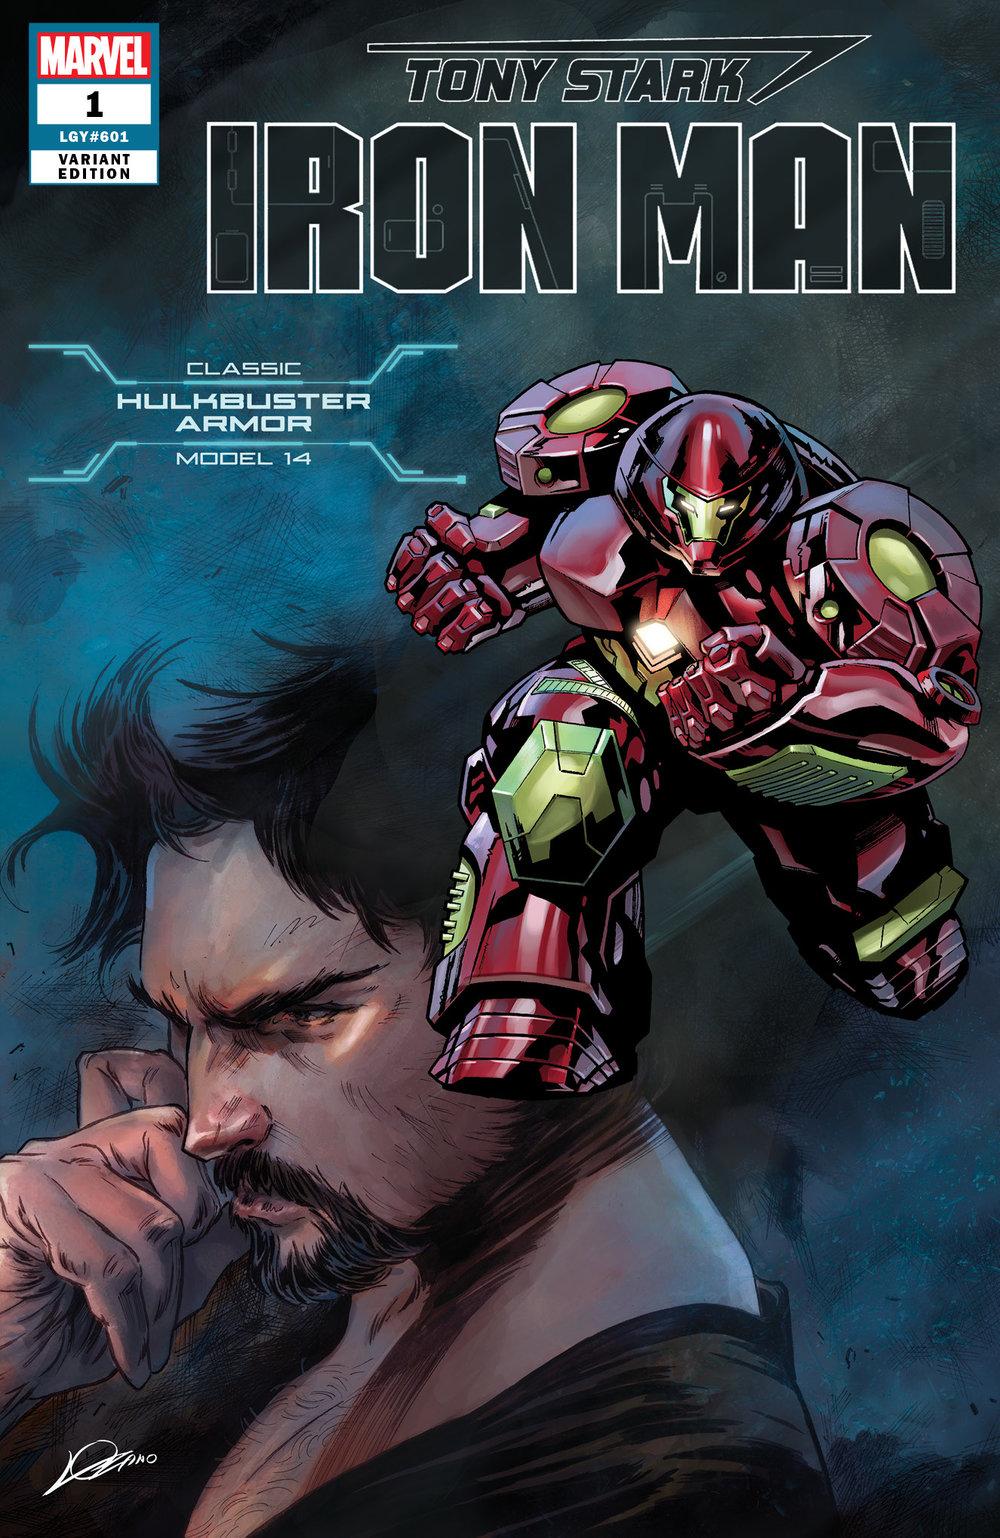 IMTONY2018001_14_Hulkbuster.jpg